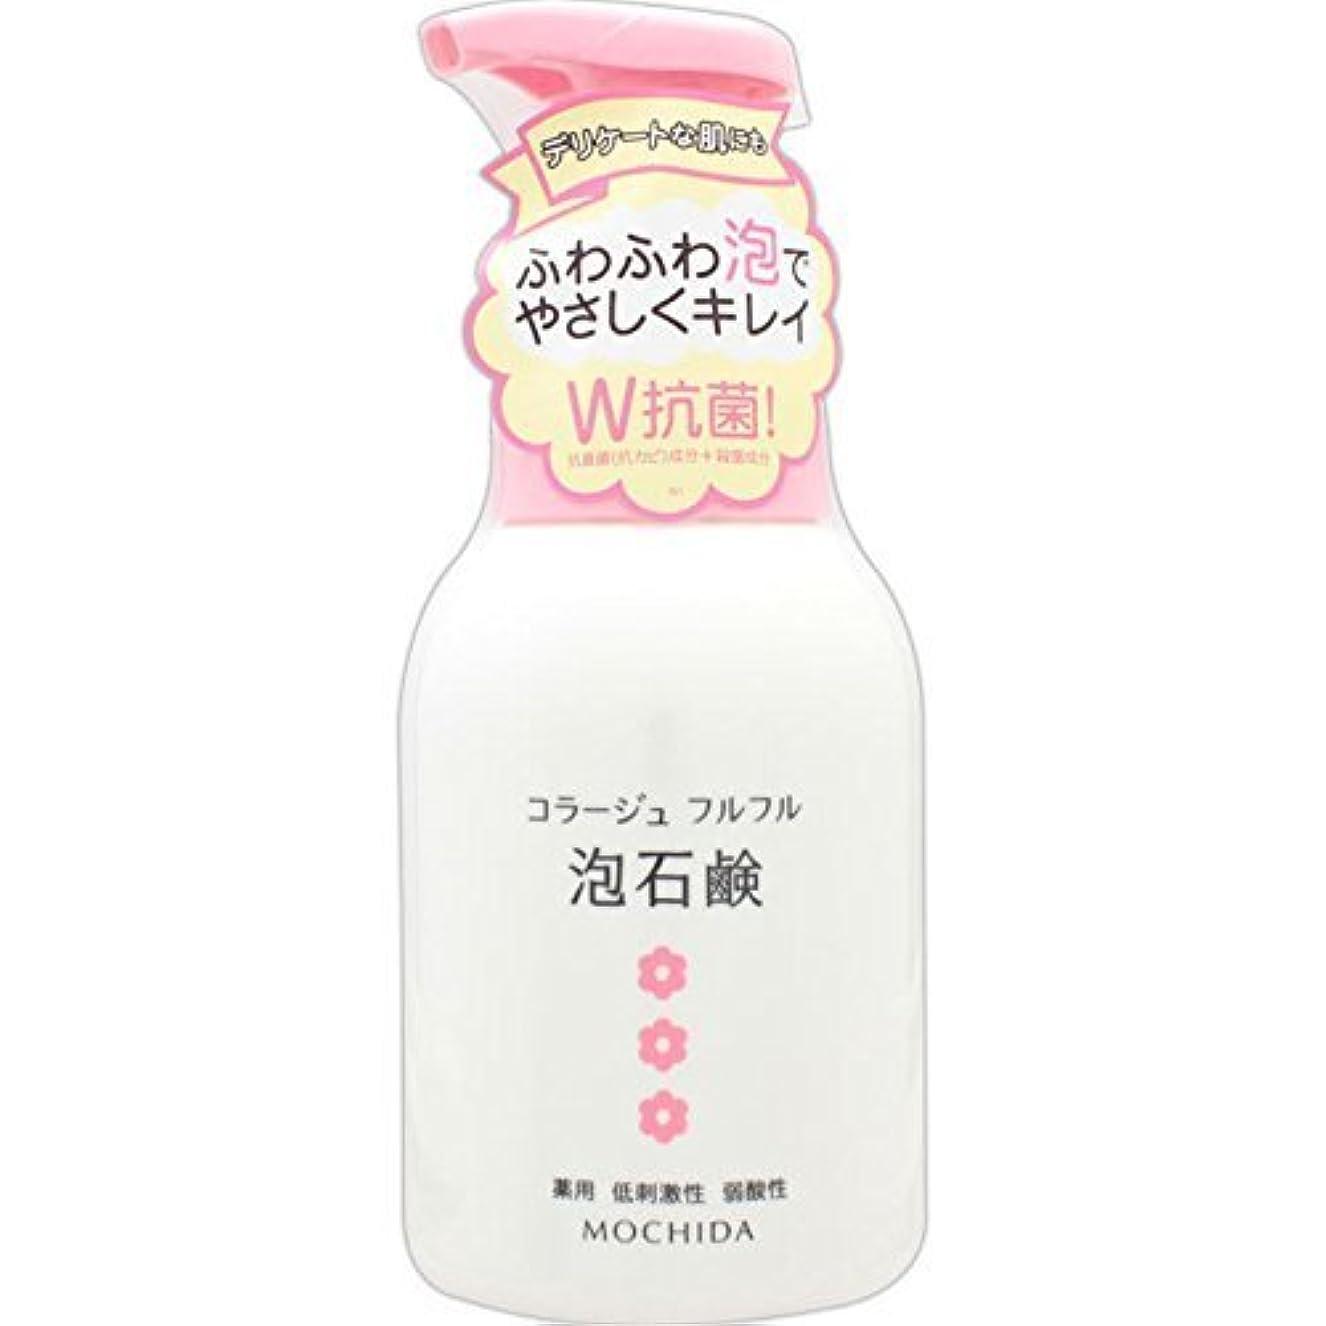 オリエンタル彼去るコラージュフルフル 泡石鹸 ピンク 300m L (医薬部外品) ×4